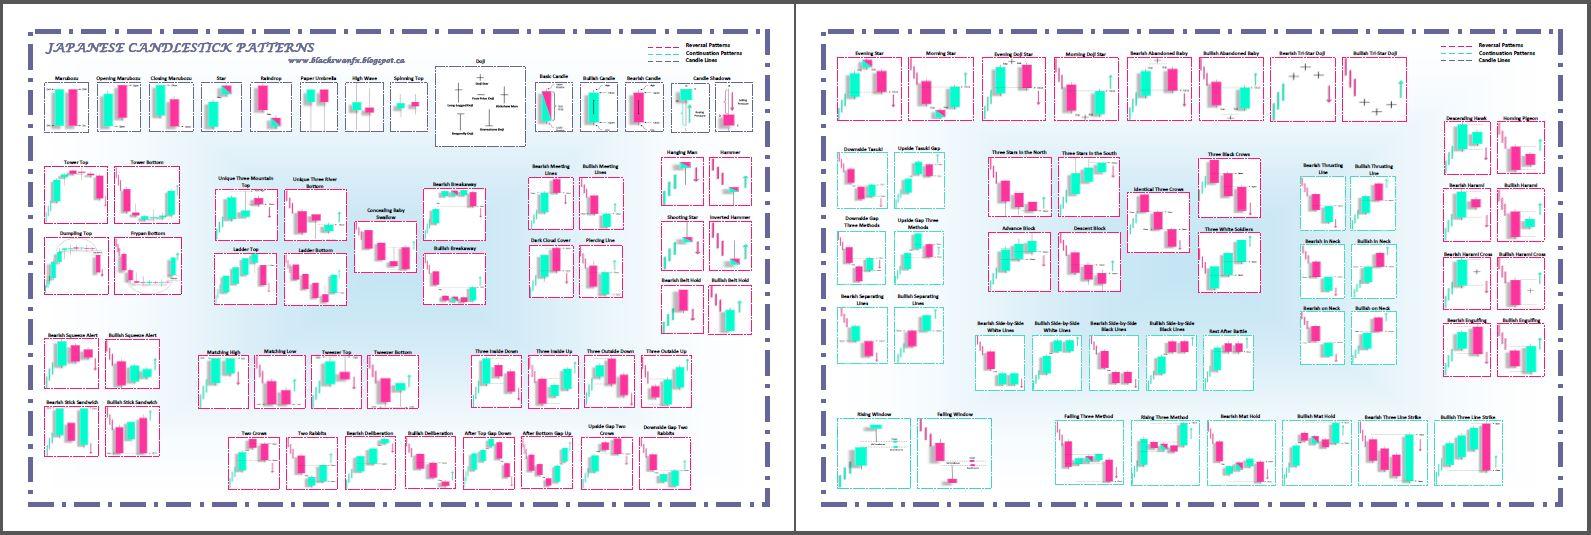 bináris opciók, regisztrációhoz betéti bónusz nélkül